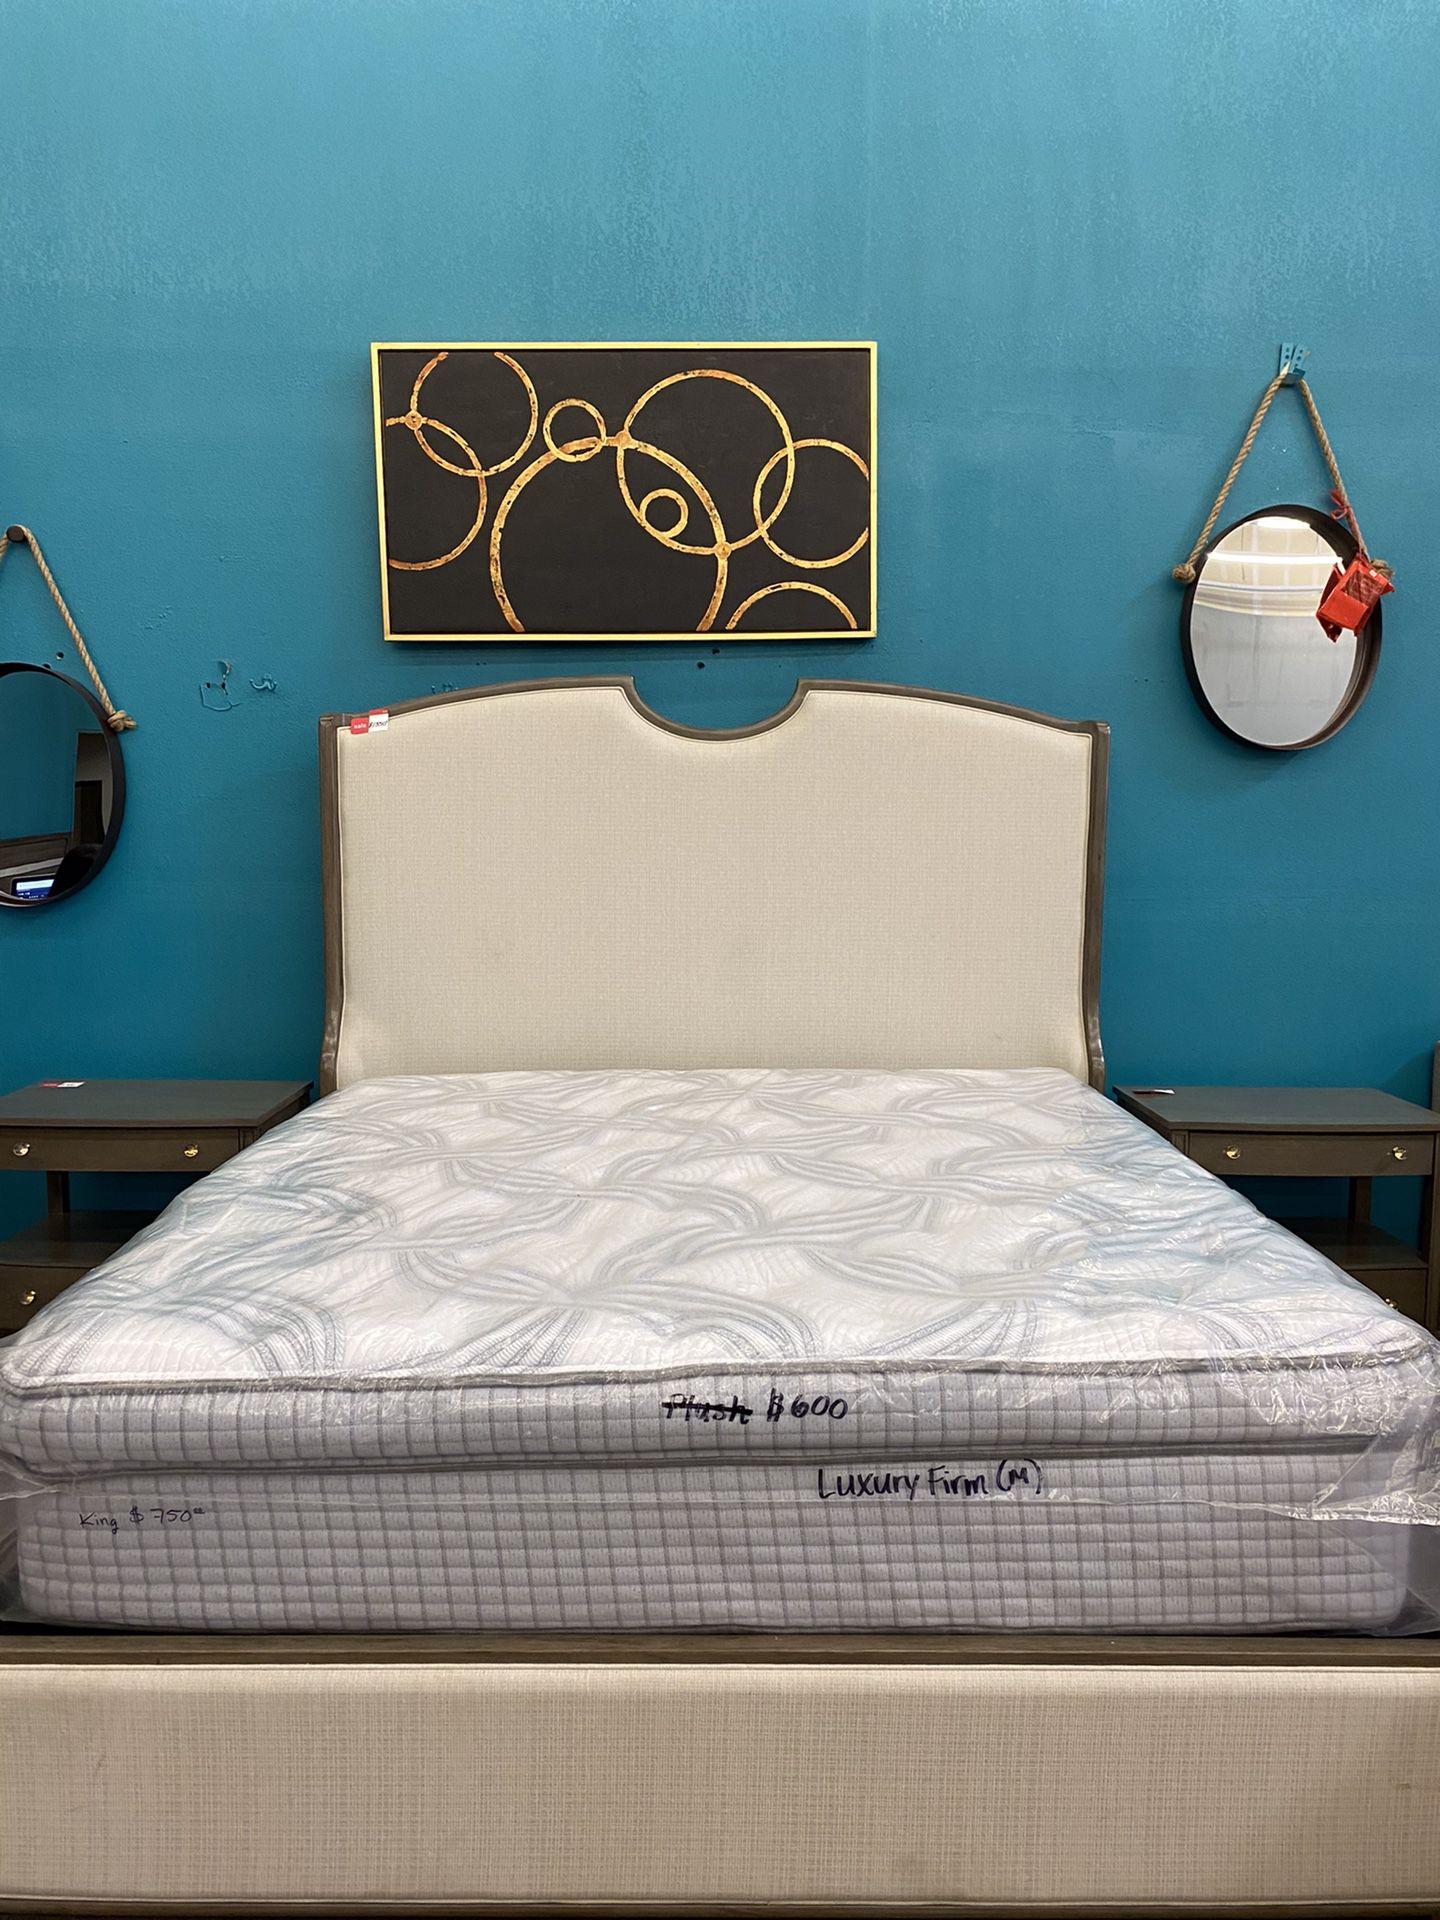 Scott Living King Size Mattress Luxury Firm Pillow Top